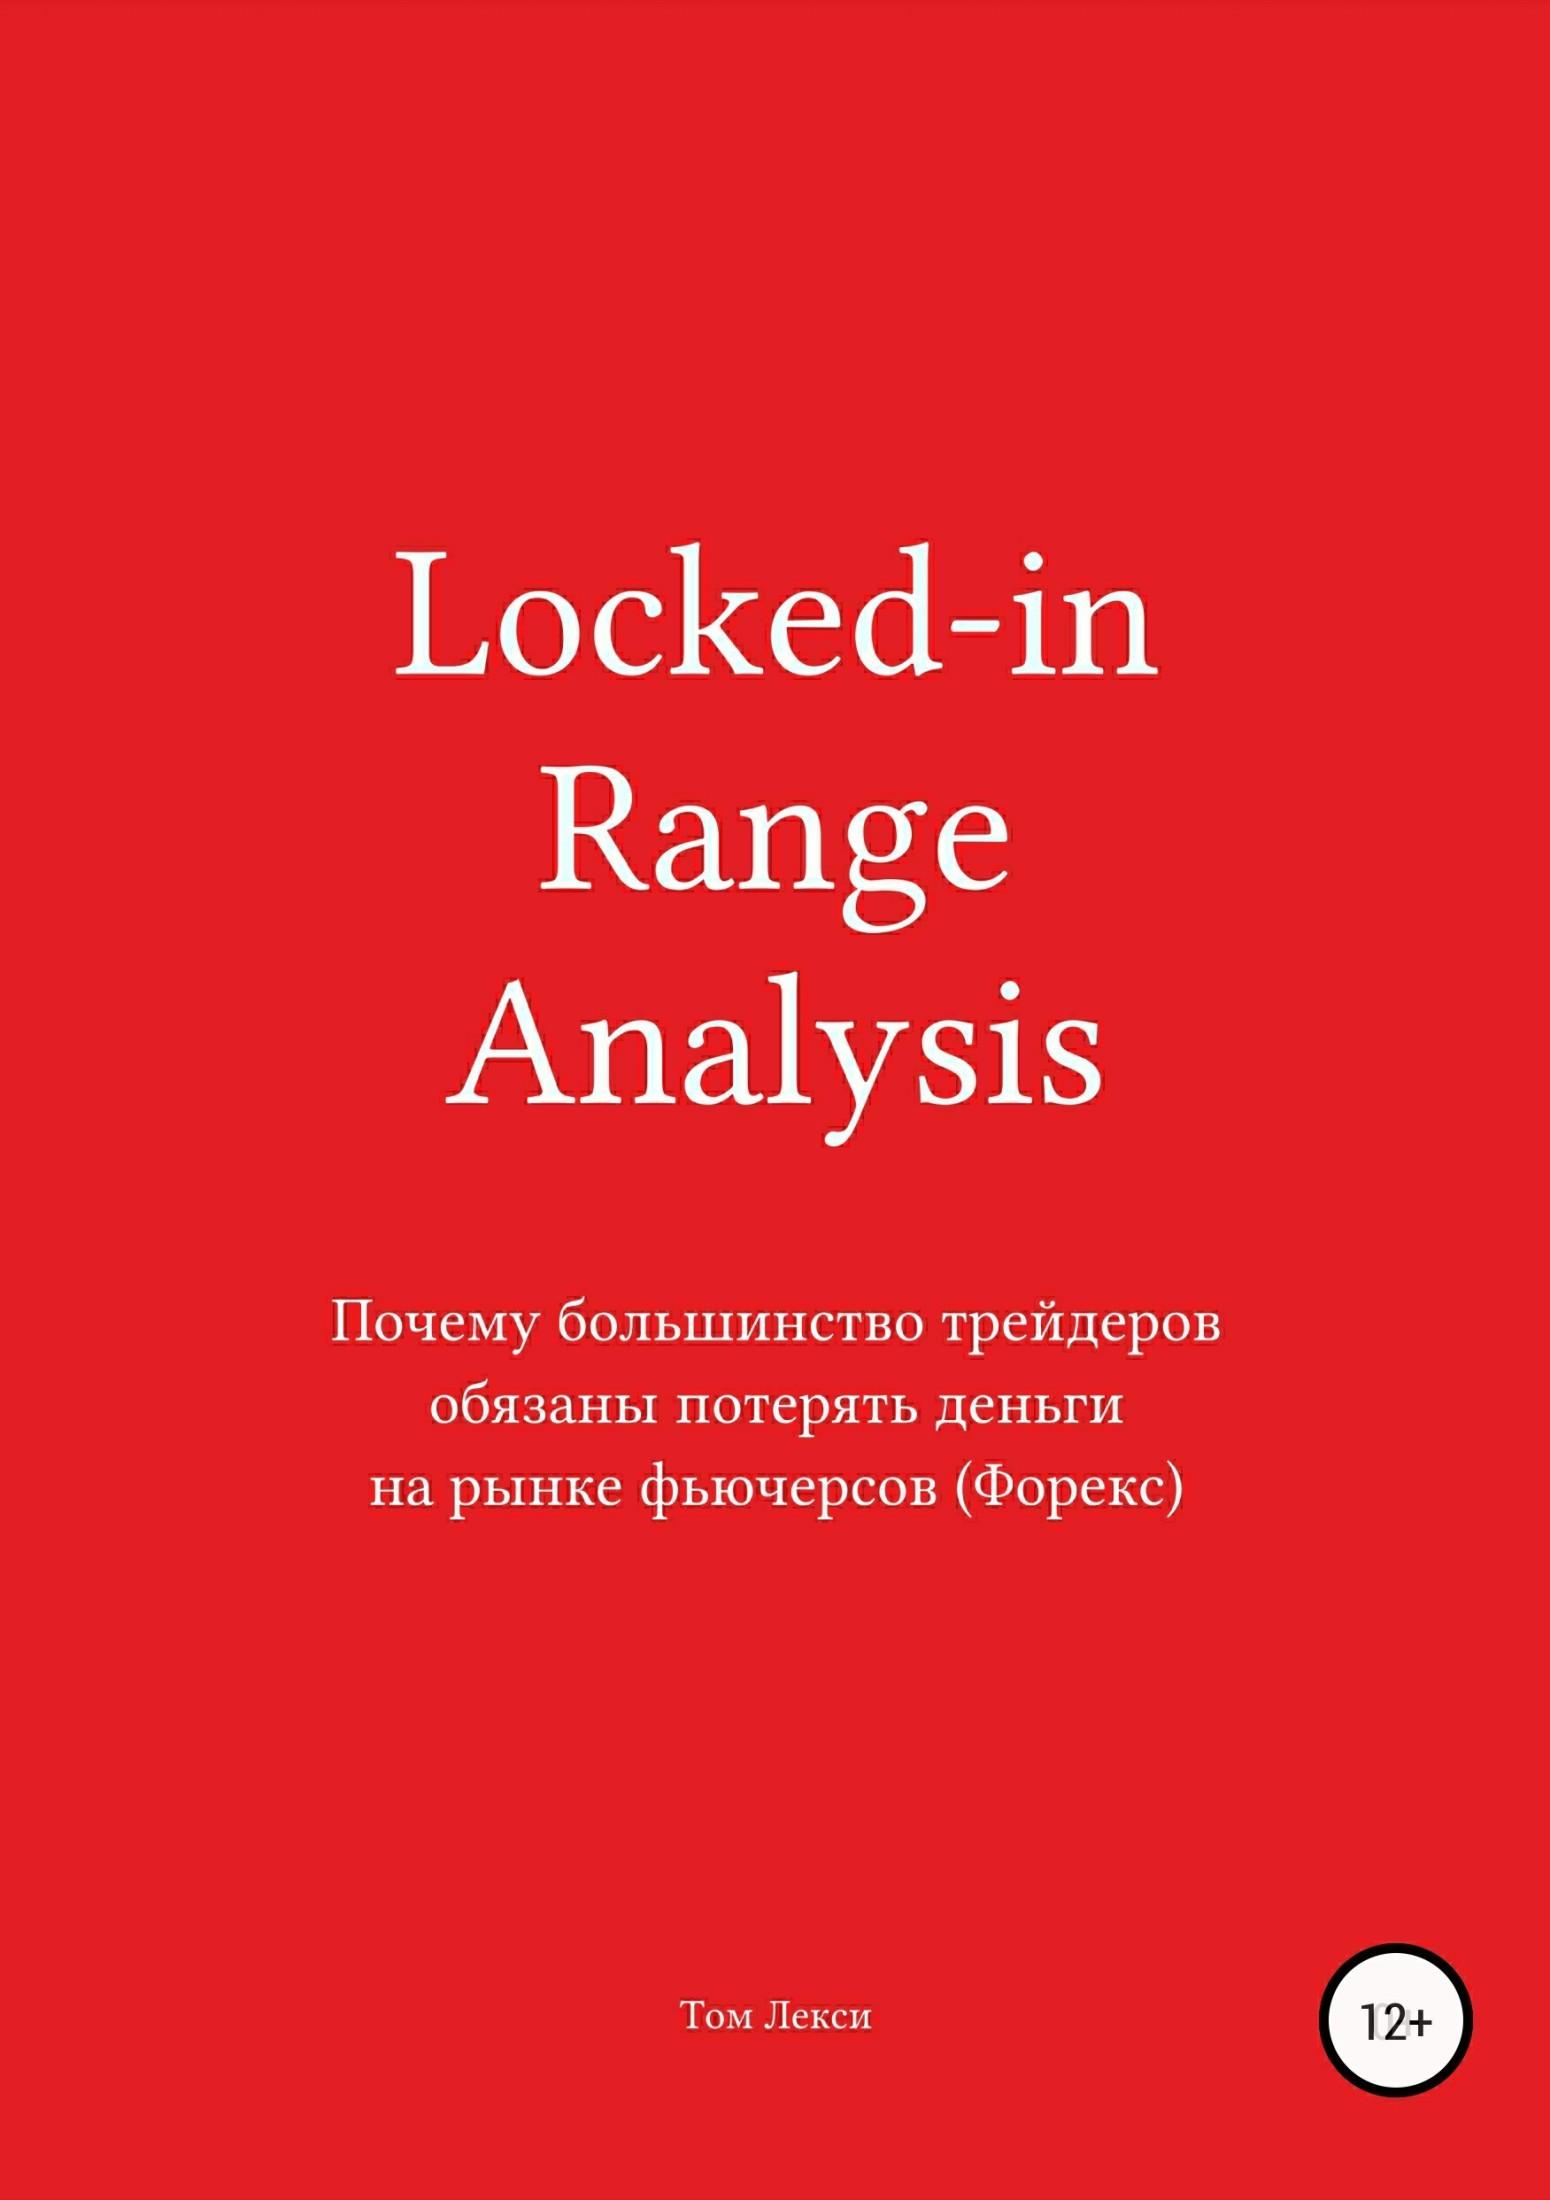 Том Лекси Locked-in Range Analysis: Почему большинство трейдеров обязаны потерять деньги на рынке фьючерсов (Форекс) грегори моррис 0 японские свечи метод анализа акций и фьючерсов проверенный временем